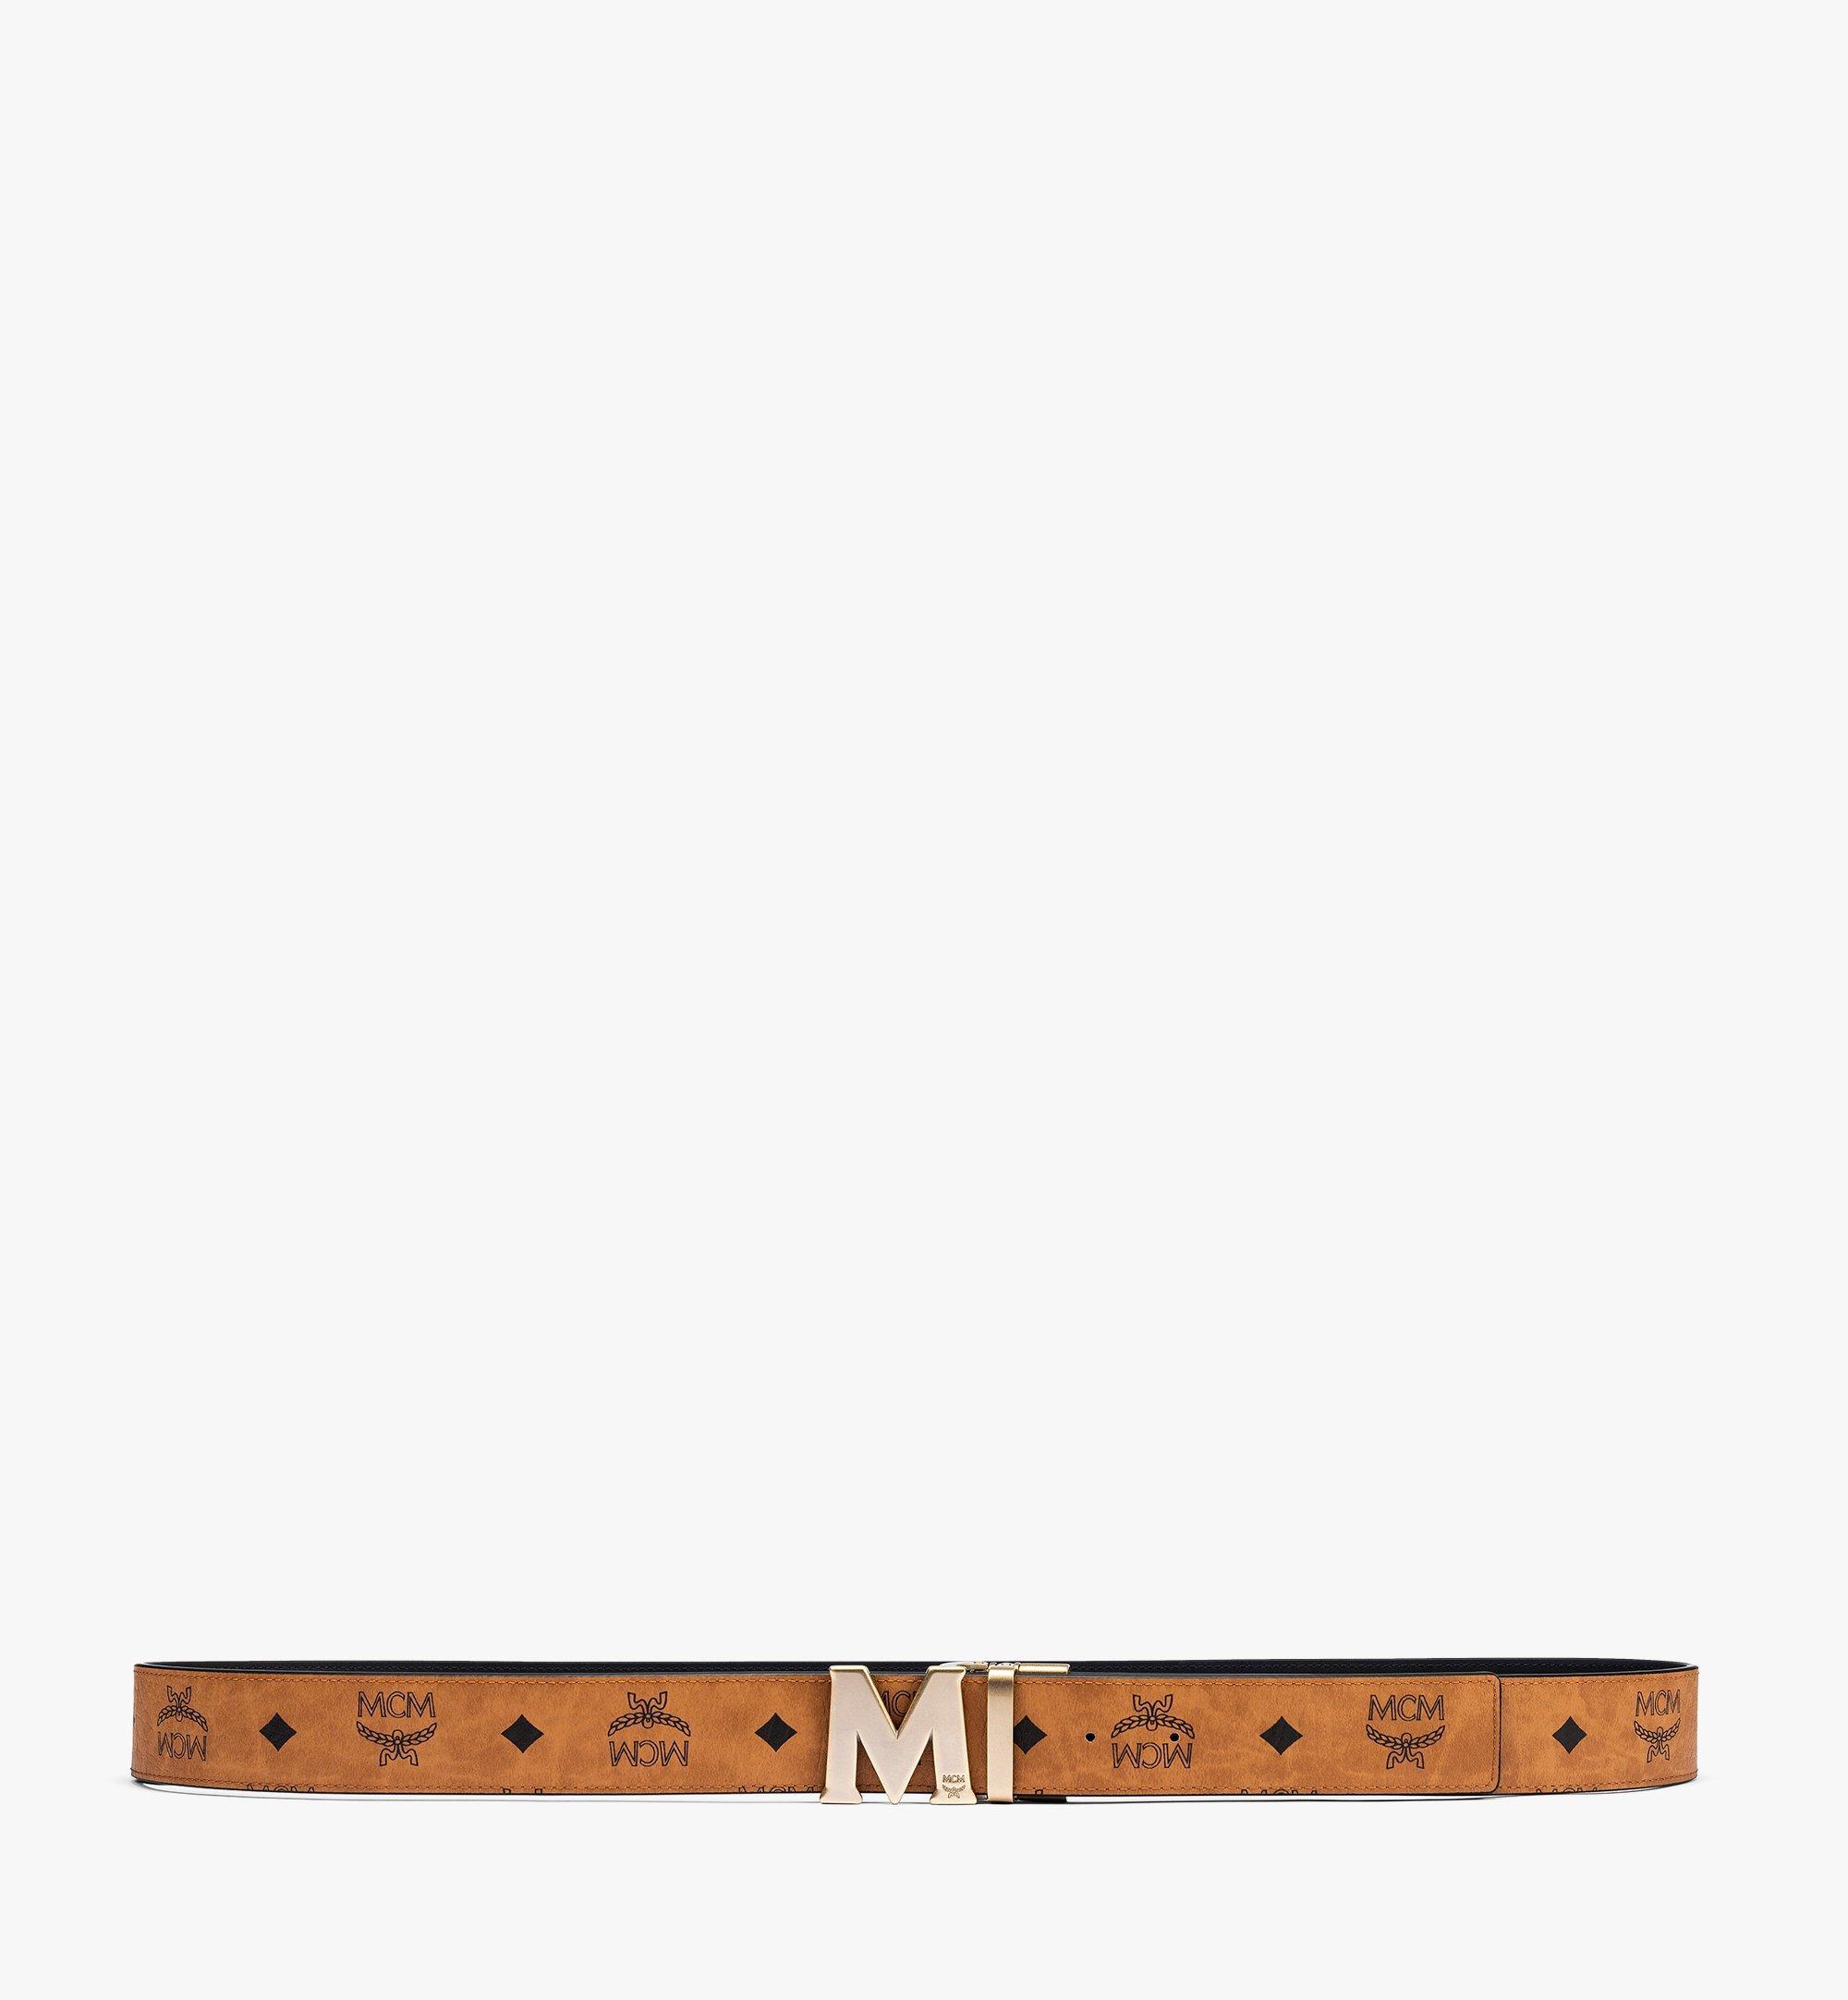 MCM Claus Antique M Reversible Belt 3.8 cm in Visetos Cognac MXBAAVI06CO001 Alternate View 2